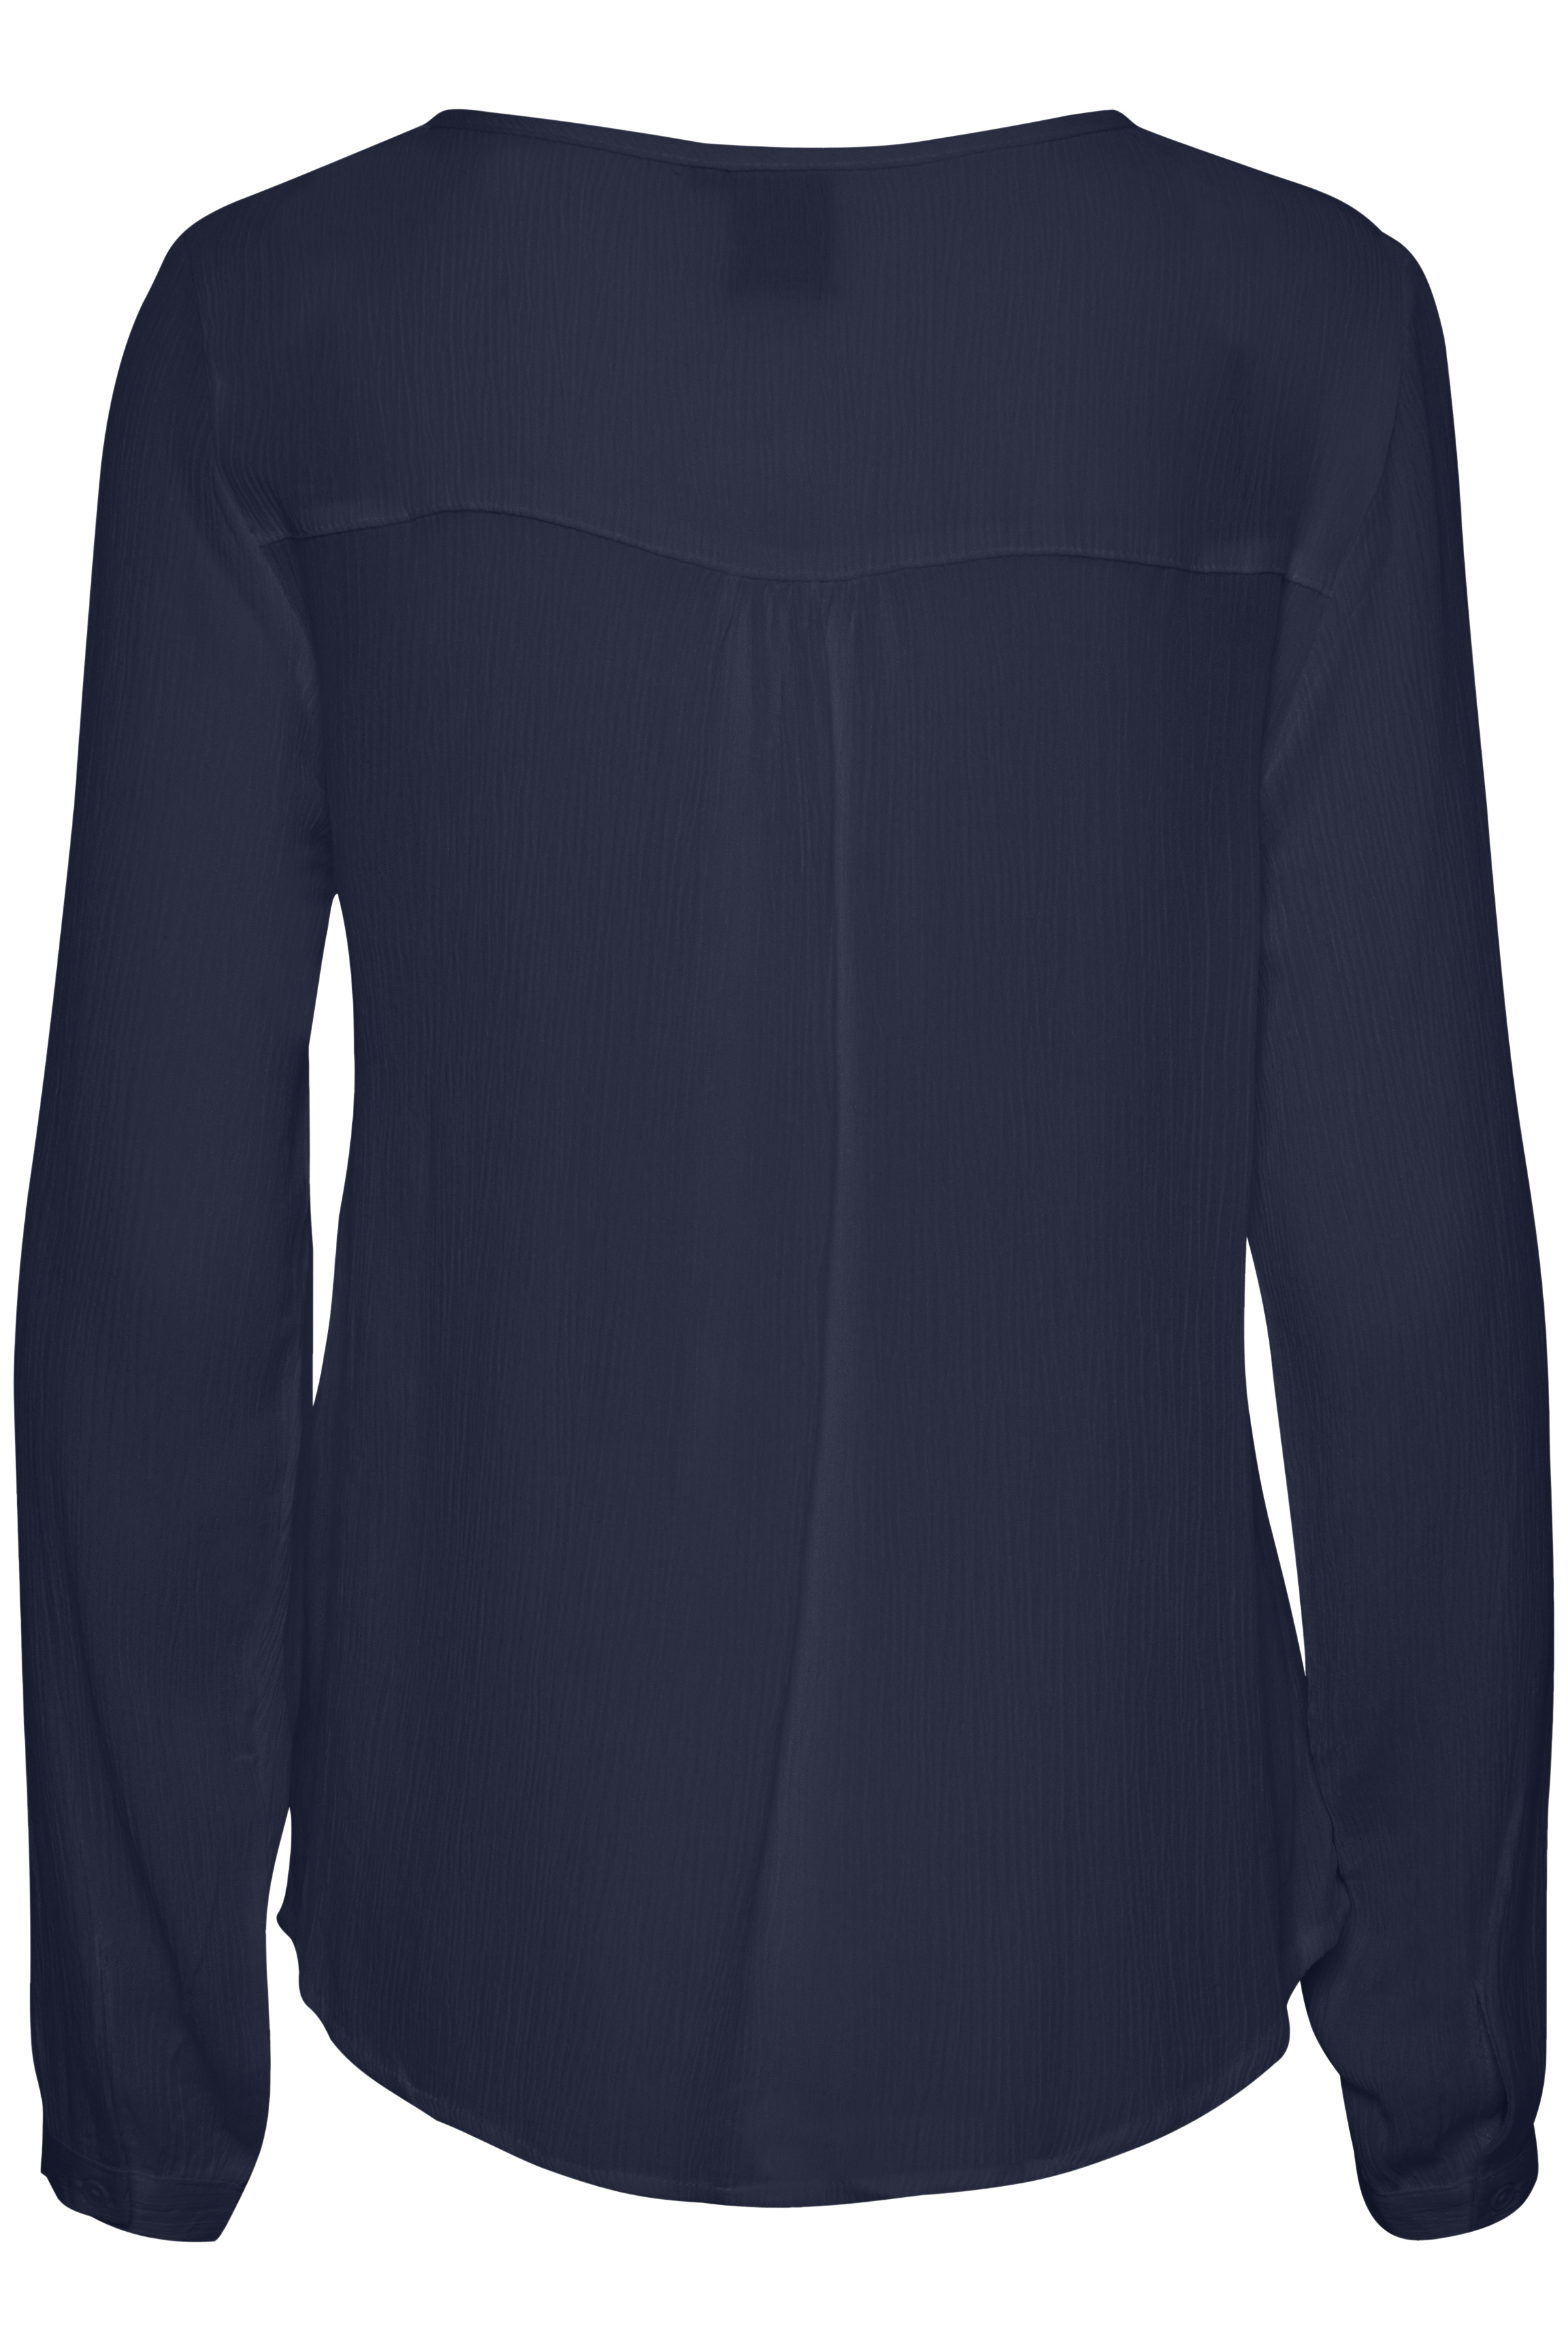 Total Eclipse Long sleeved shirt fra Ichi – Køb Total Eclipse Long sleeved shirt fra str. XS-XXL her